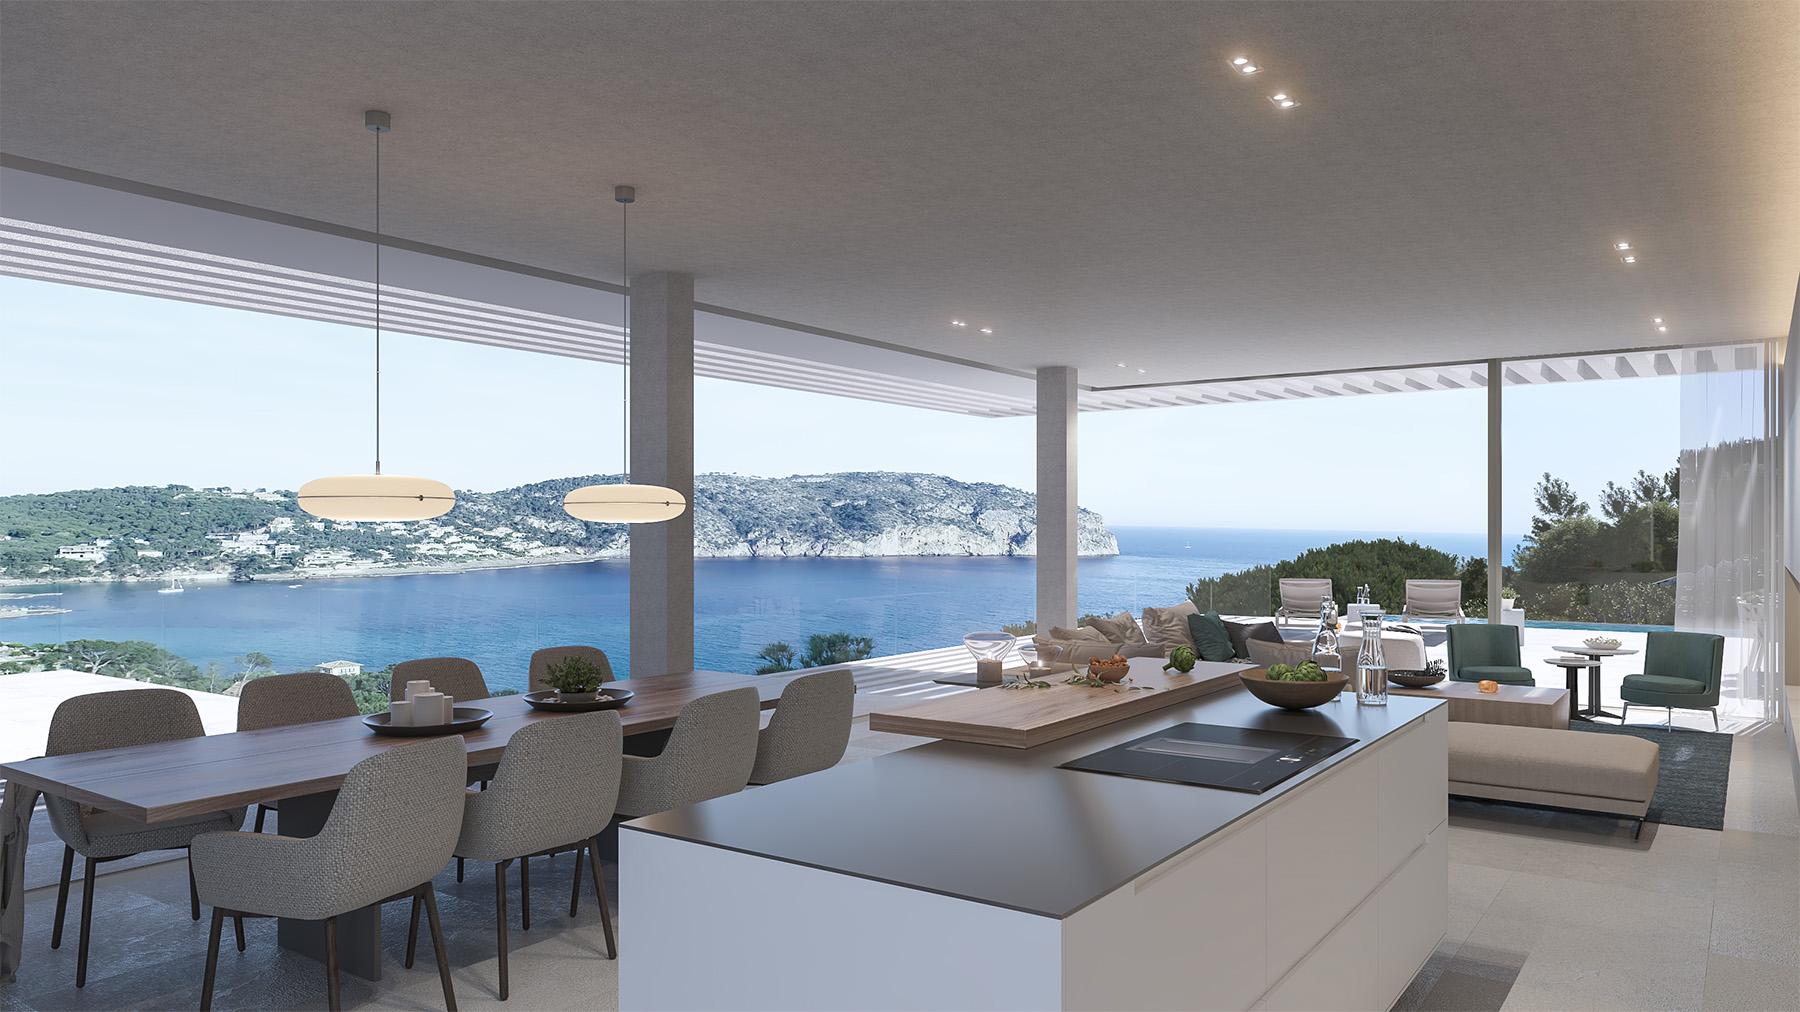 Terraza Balear Decoración Interior 3d Proyecto Villa Statera